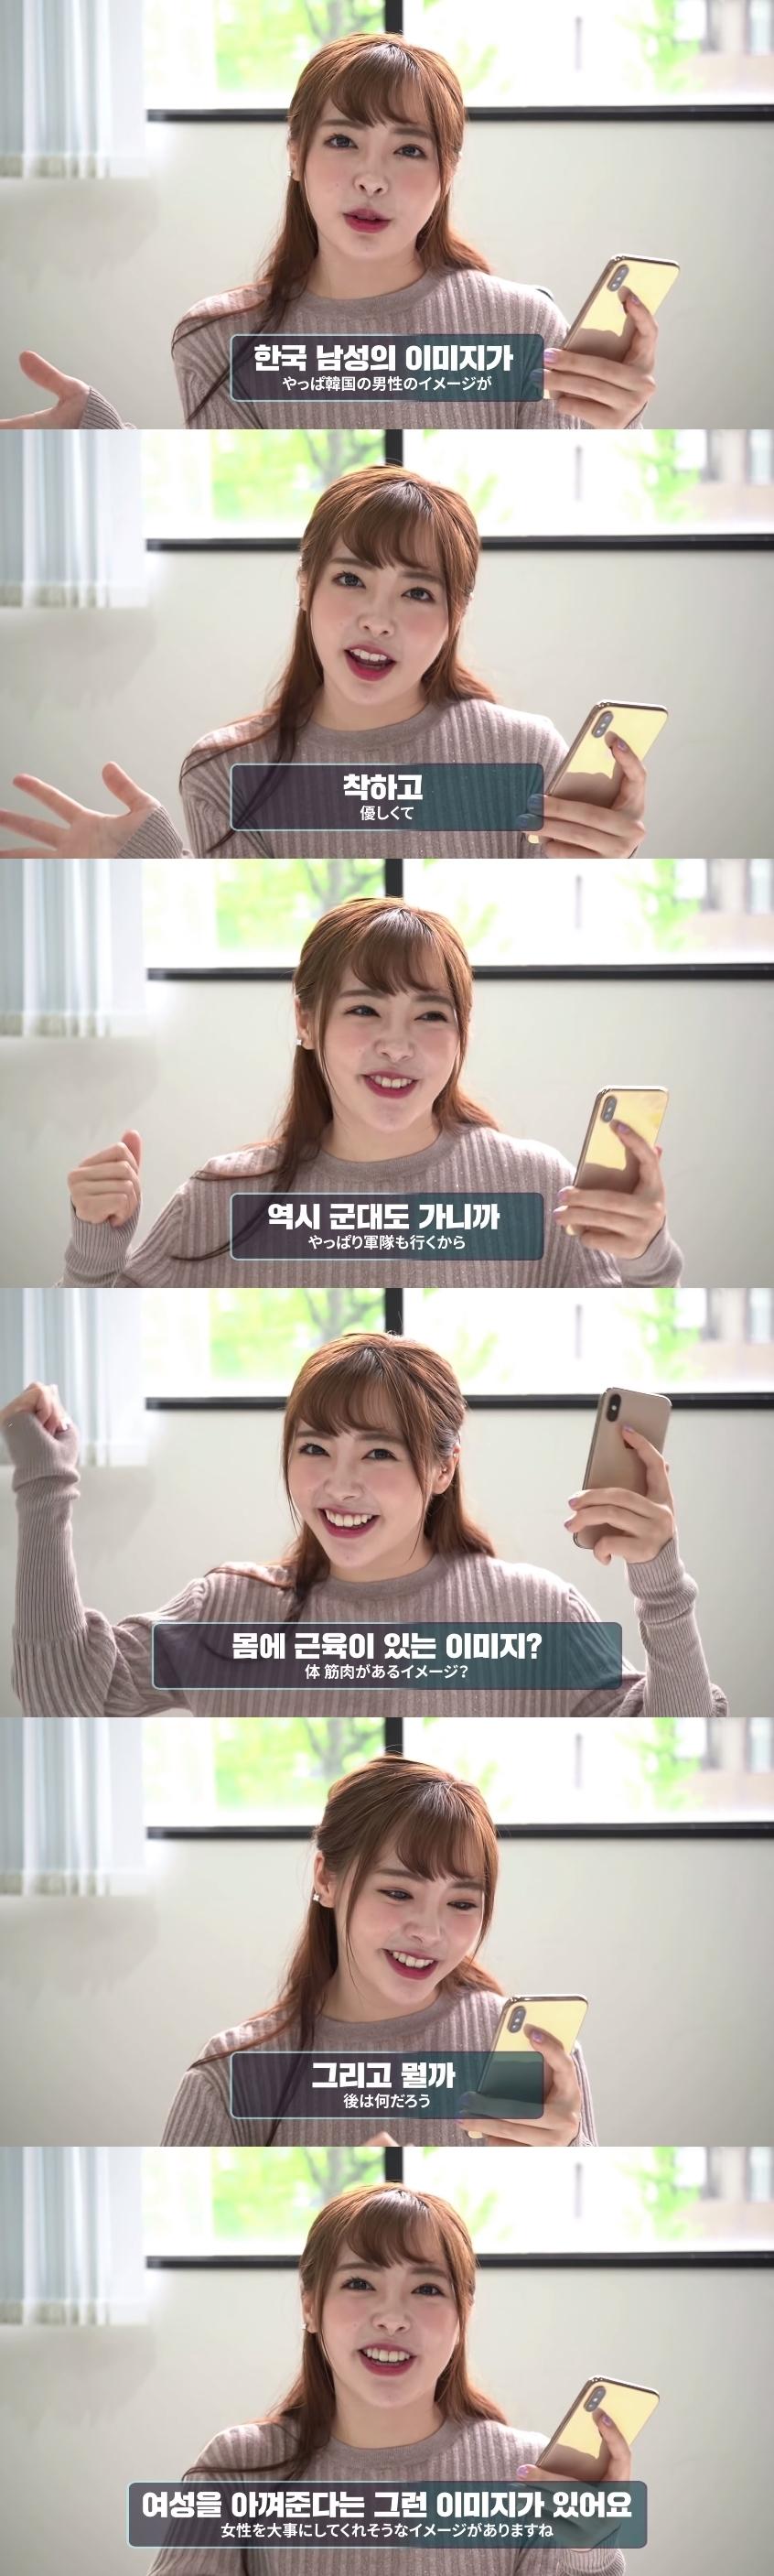 20세 일본여성이 말하는 한국남성 이미지?